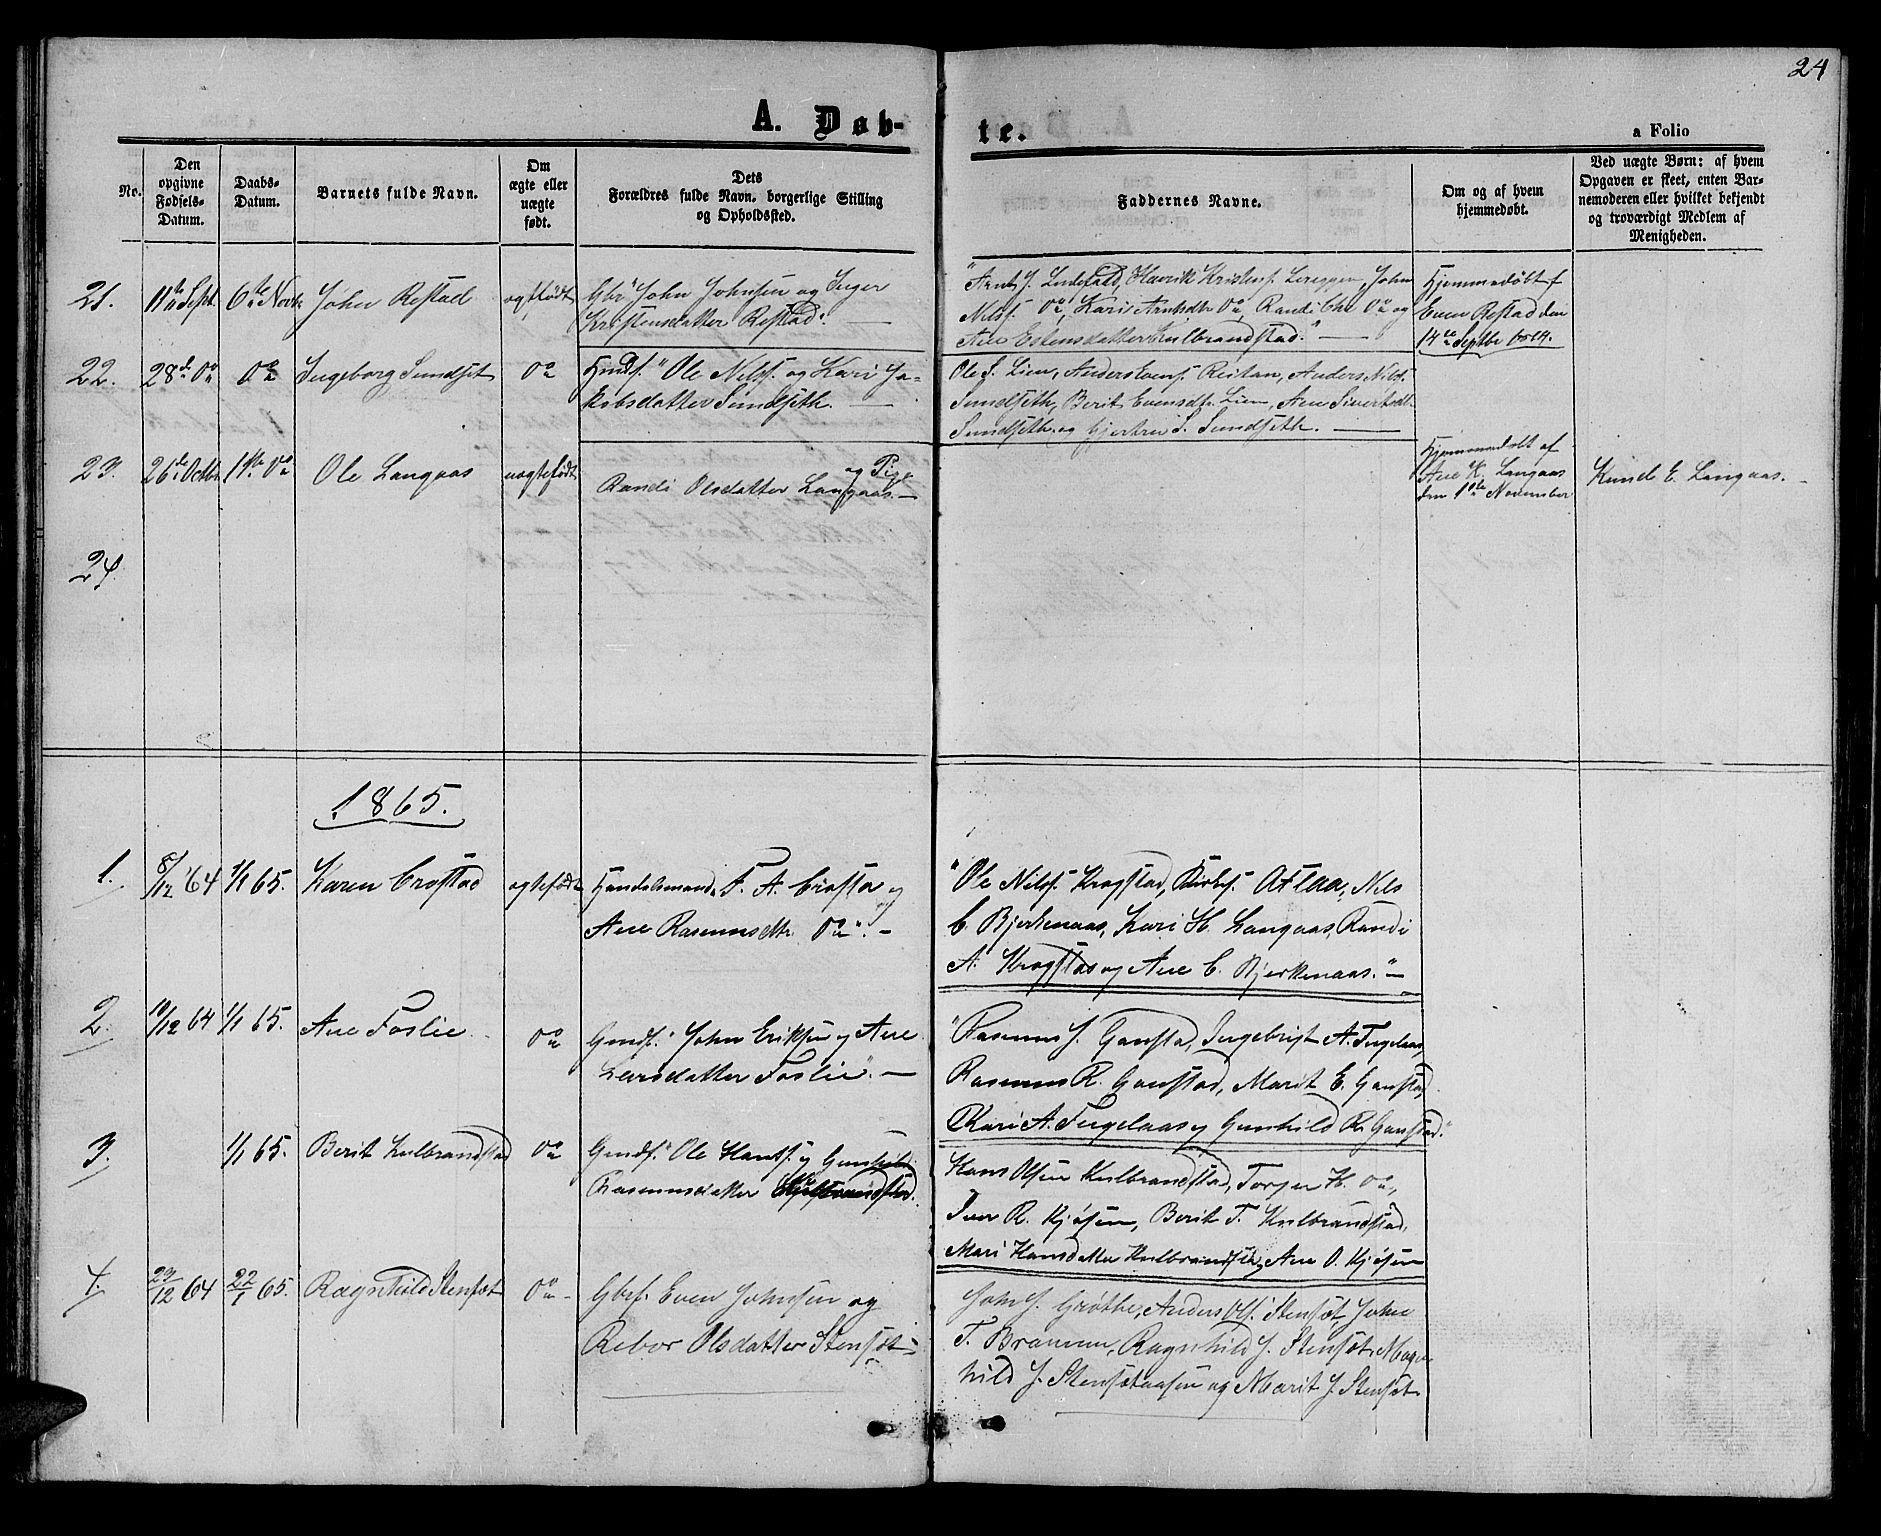 SAT, Ministerialprotokoller, klokkerbøker og fødselsregistre - Sør-Trøndelag, 694/L1131: Klokkerbok nr. 694C03, 1858-1886, s. 24